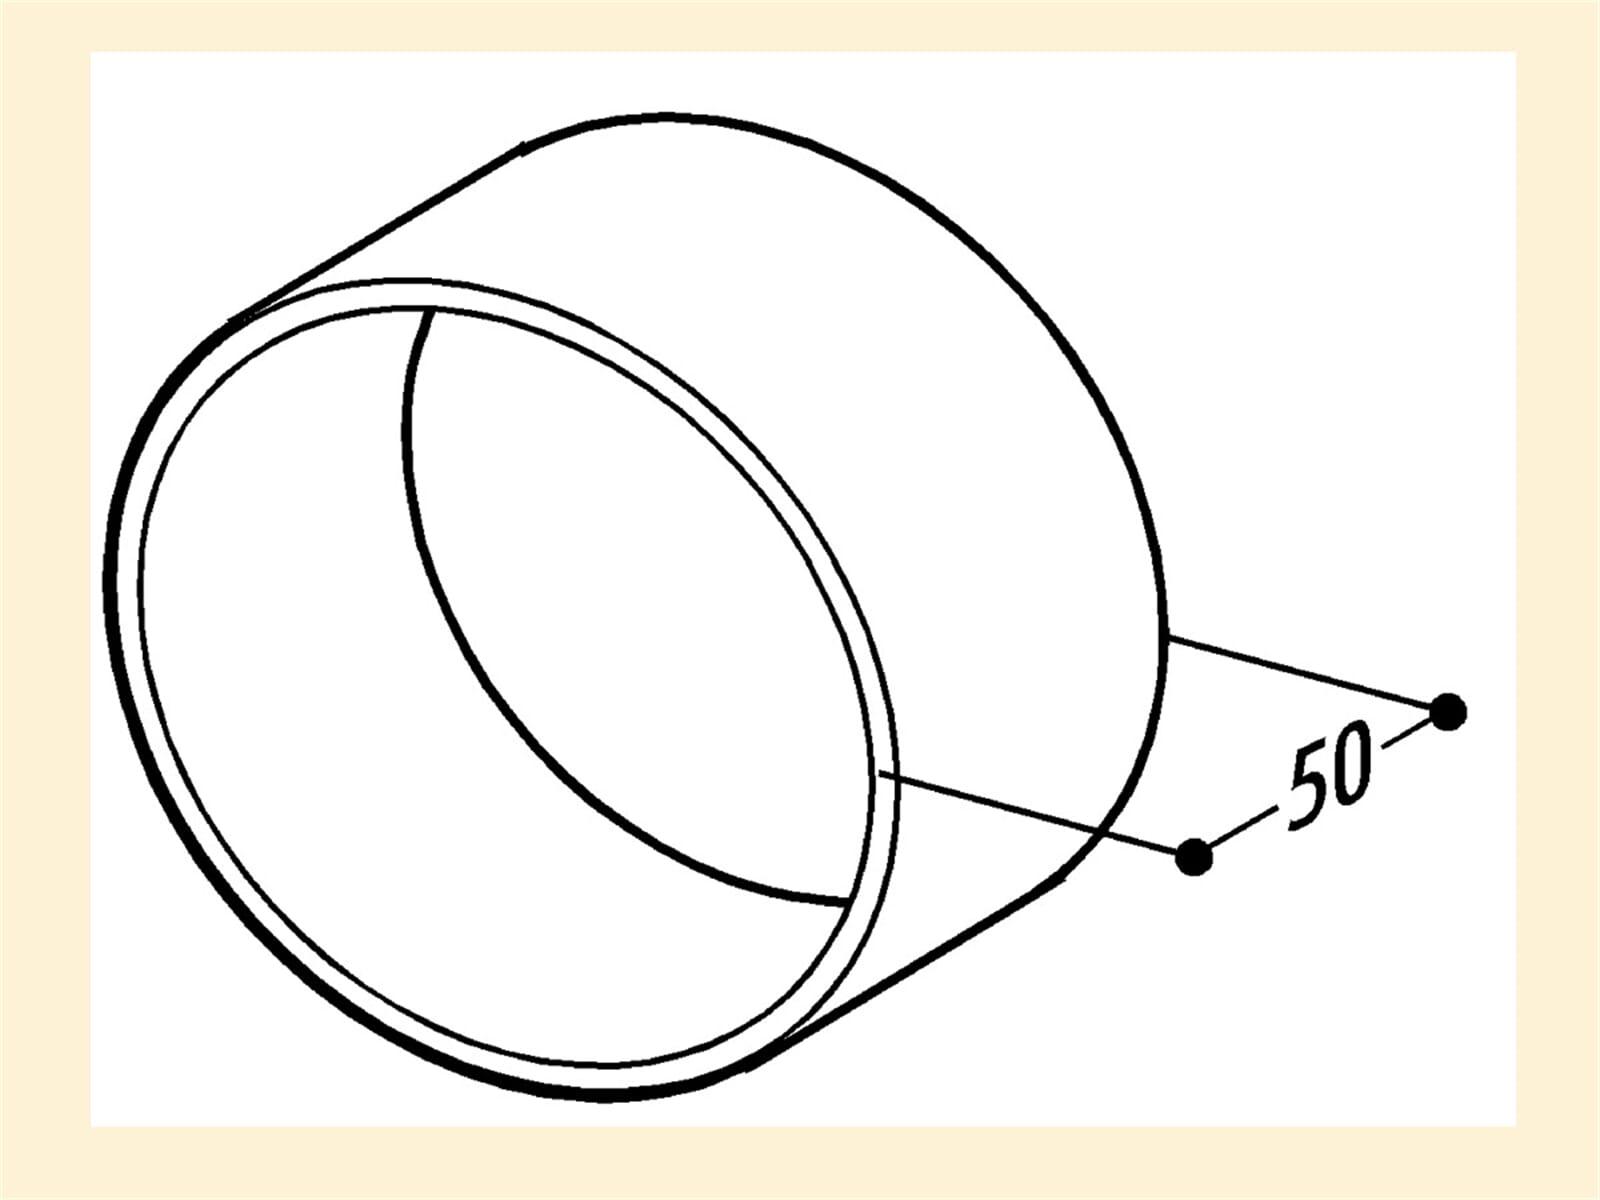 Compair 402.1.127 T-VBS 125 Rohr- und Schlauchverbinder